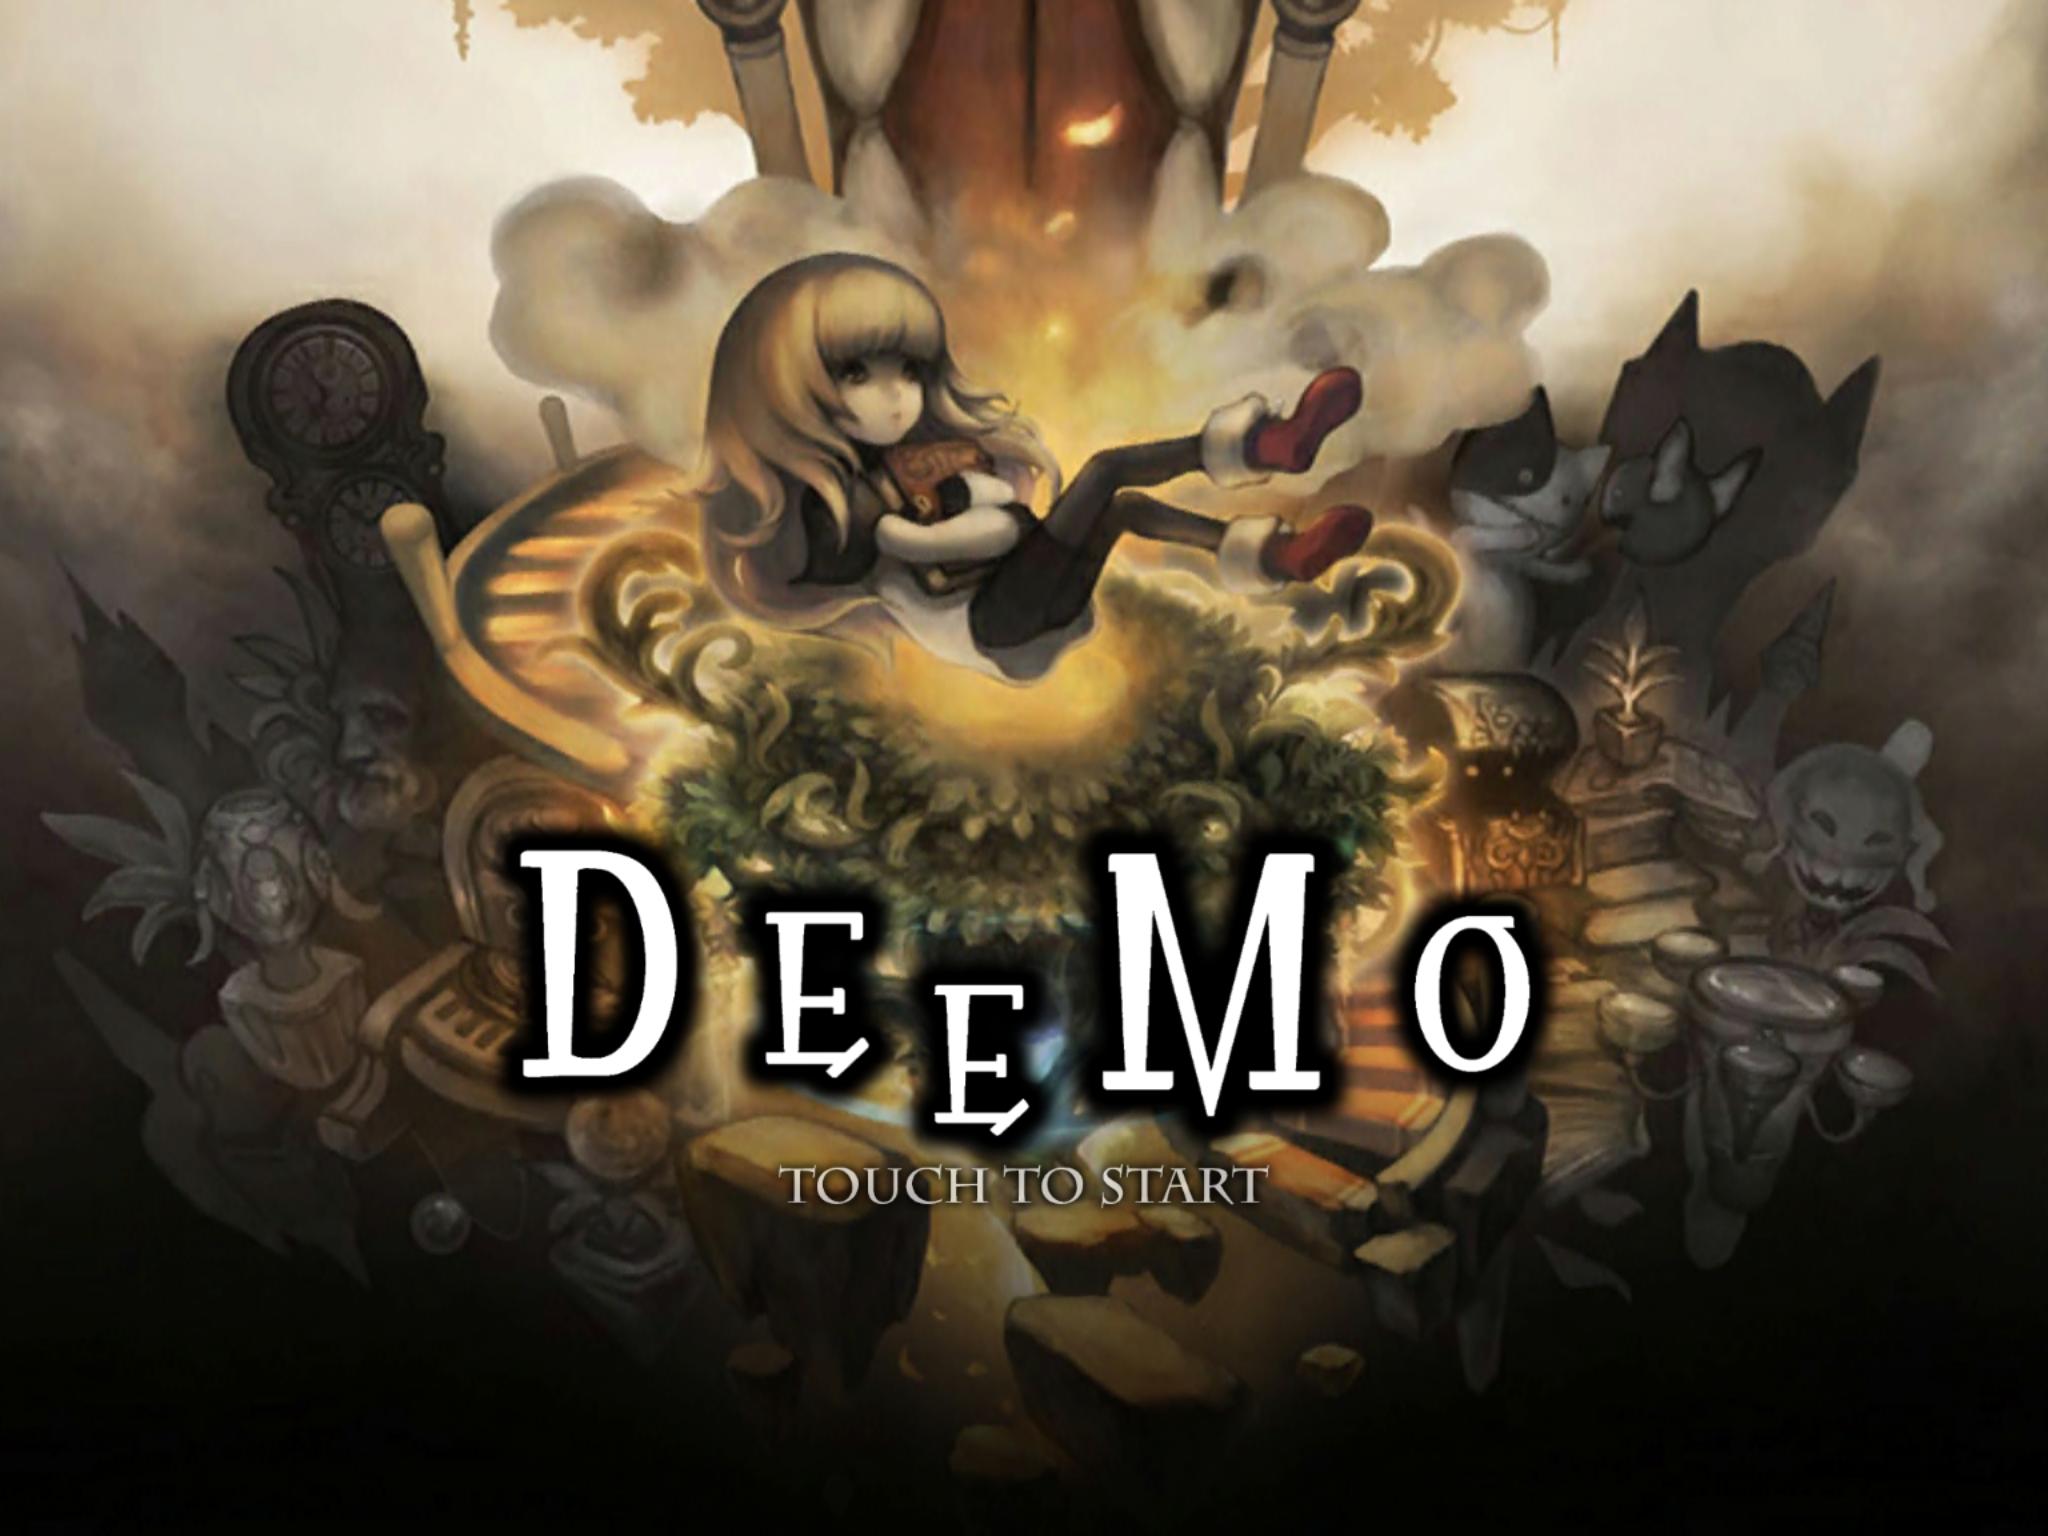 Deemoがメジャーバージョンアップ – ストーリー、楽曲が追加